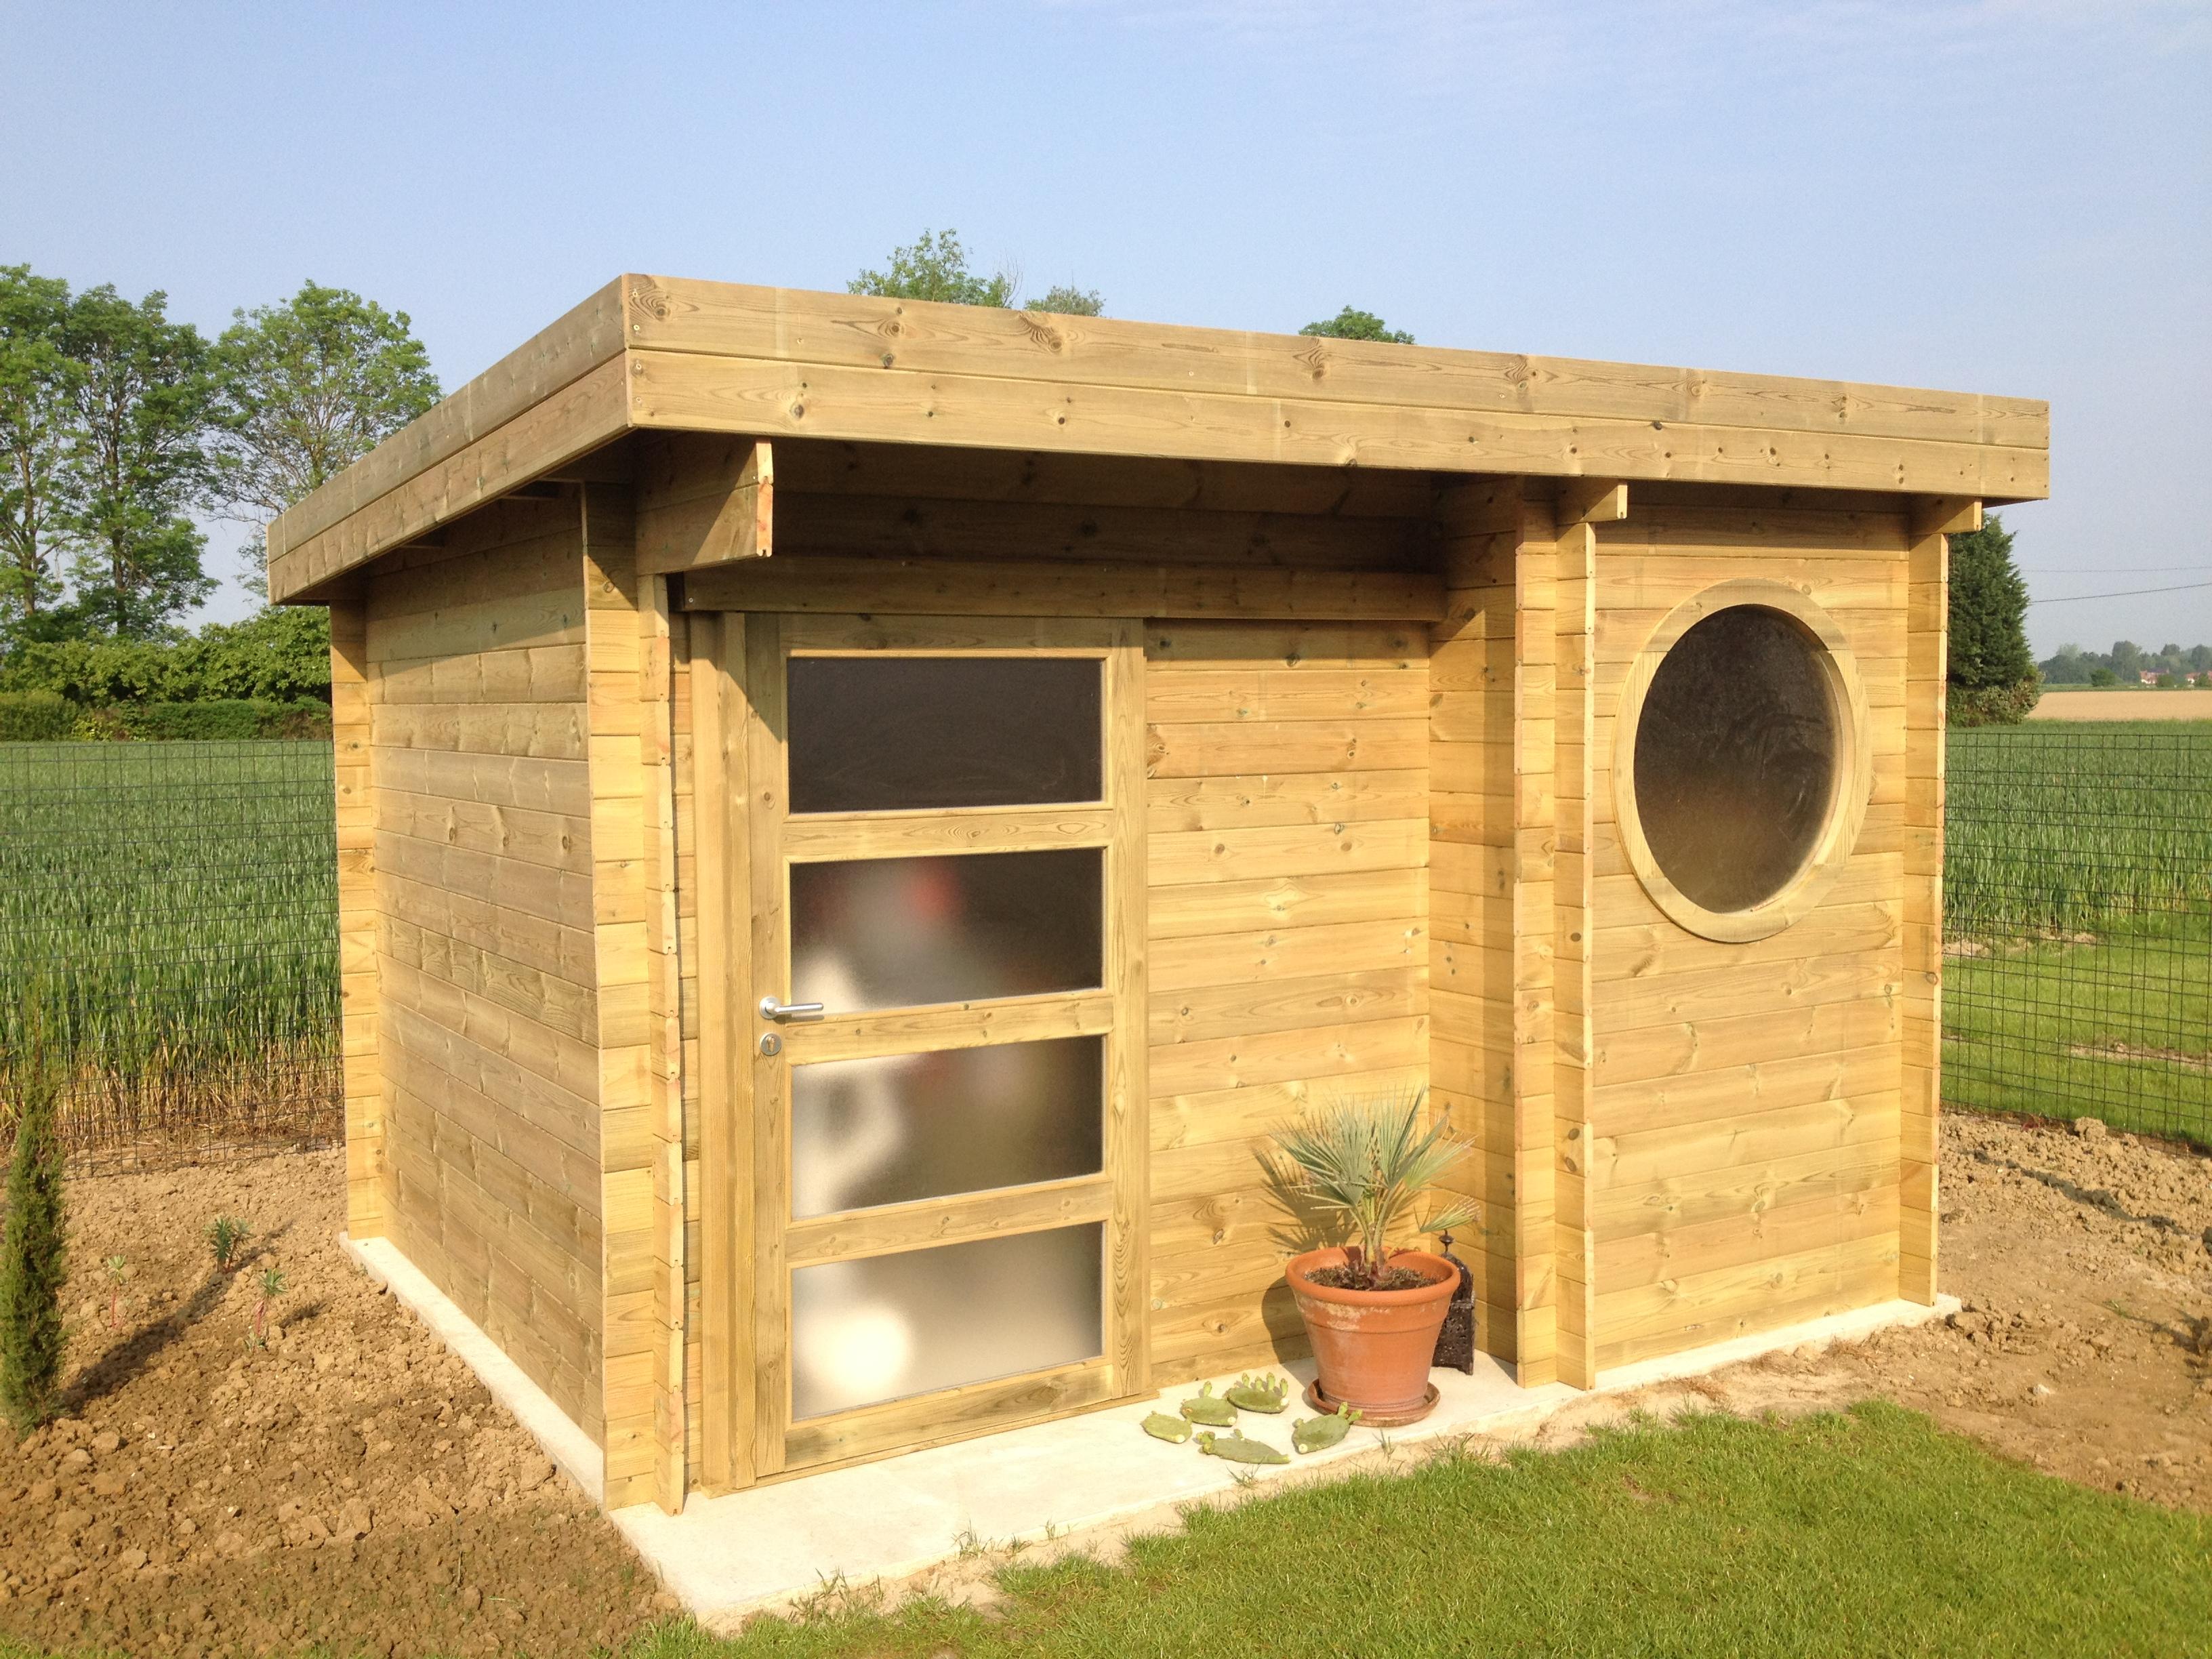 Achat cabane de jardin - Châlet, maison et cabane